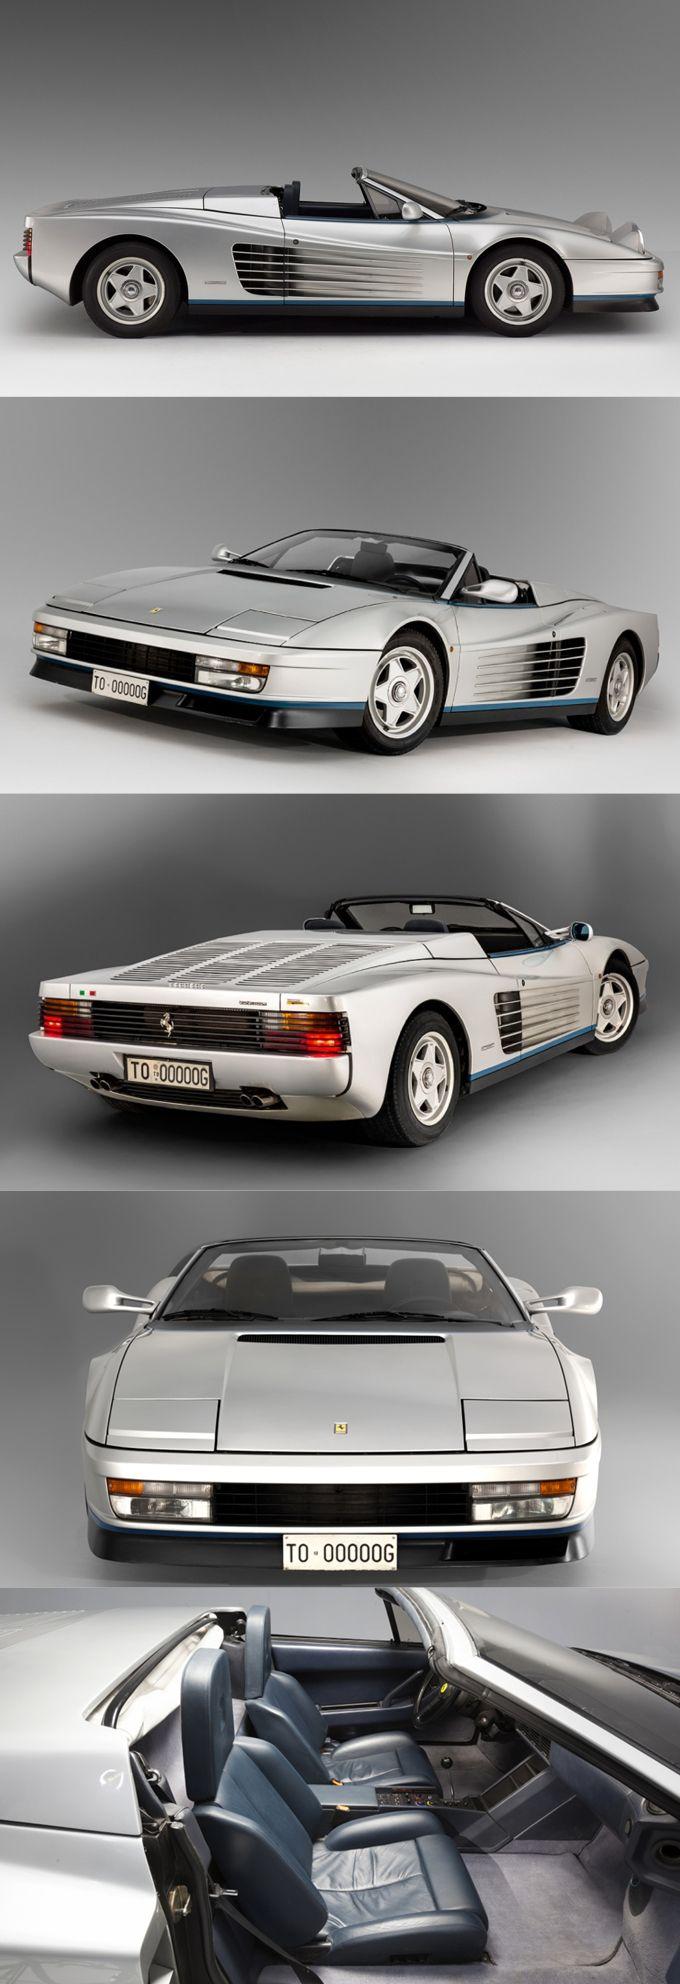 1986 Ferrari Testarossa Spider Agnelli / s/n 62897 / 1pc / Italy / silver blue ...repinned für Gewinner!  - jetzt gratis Erfolgsratgeber sichern www.ratsucher.de